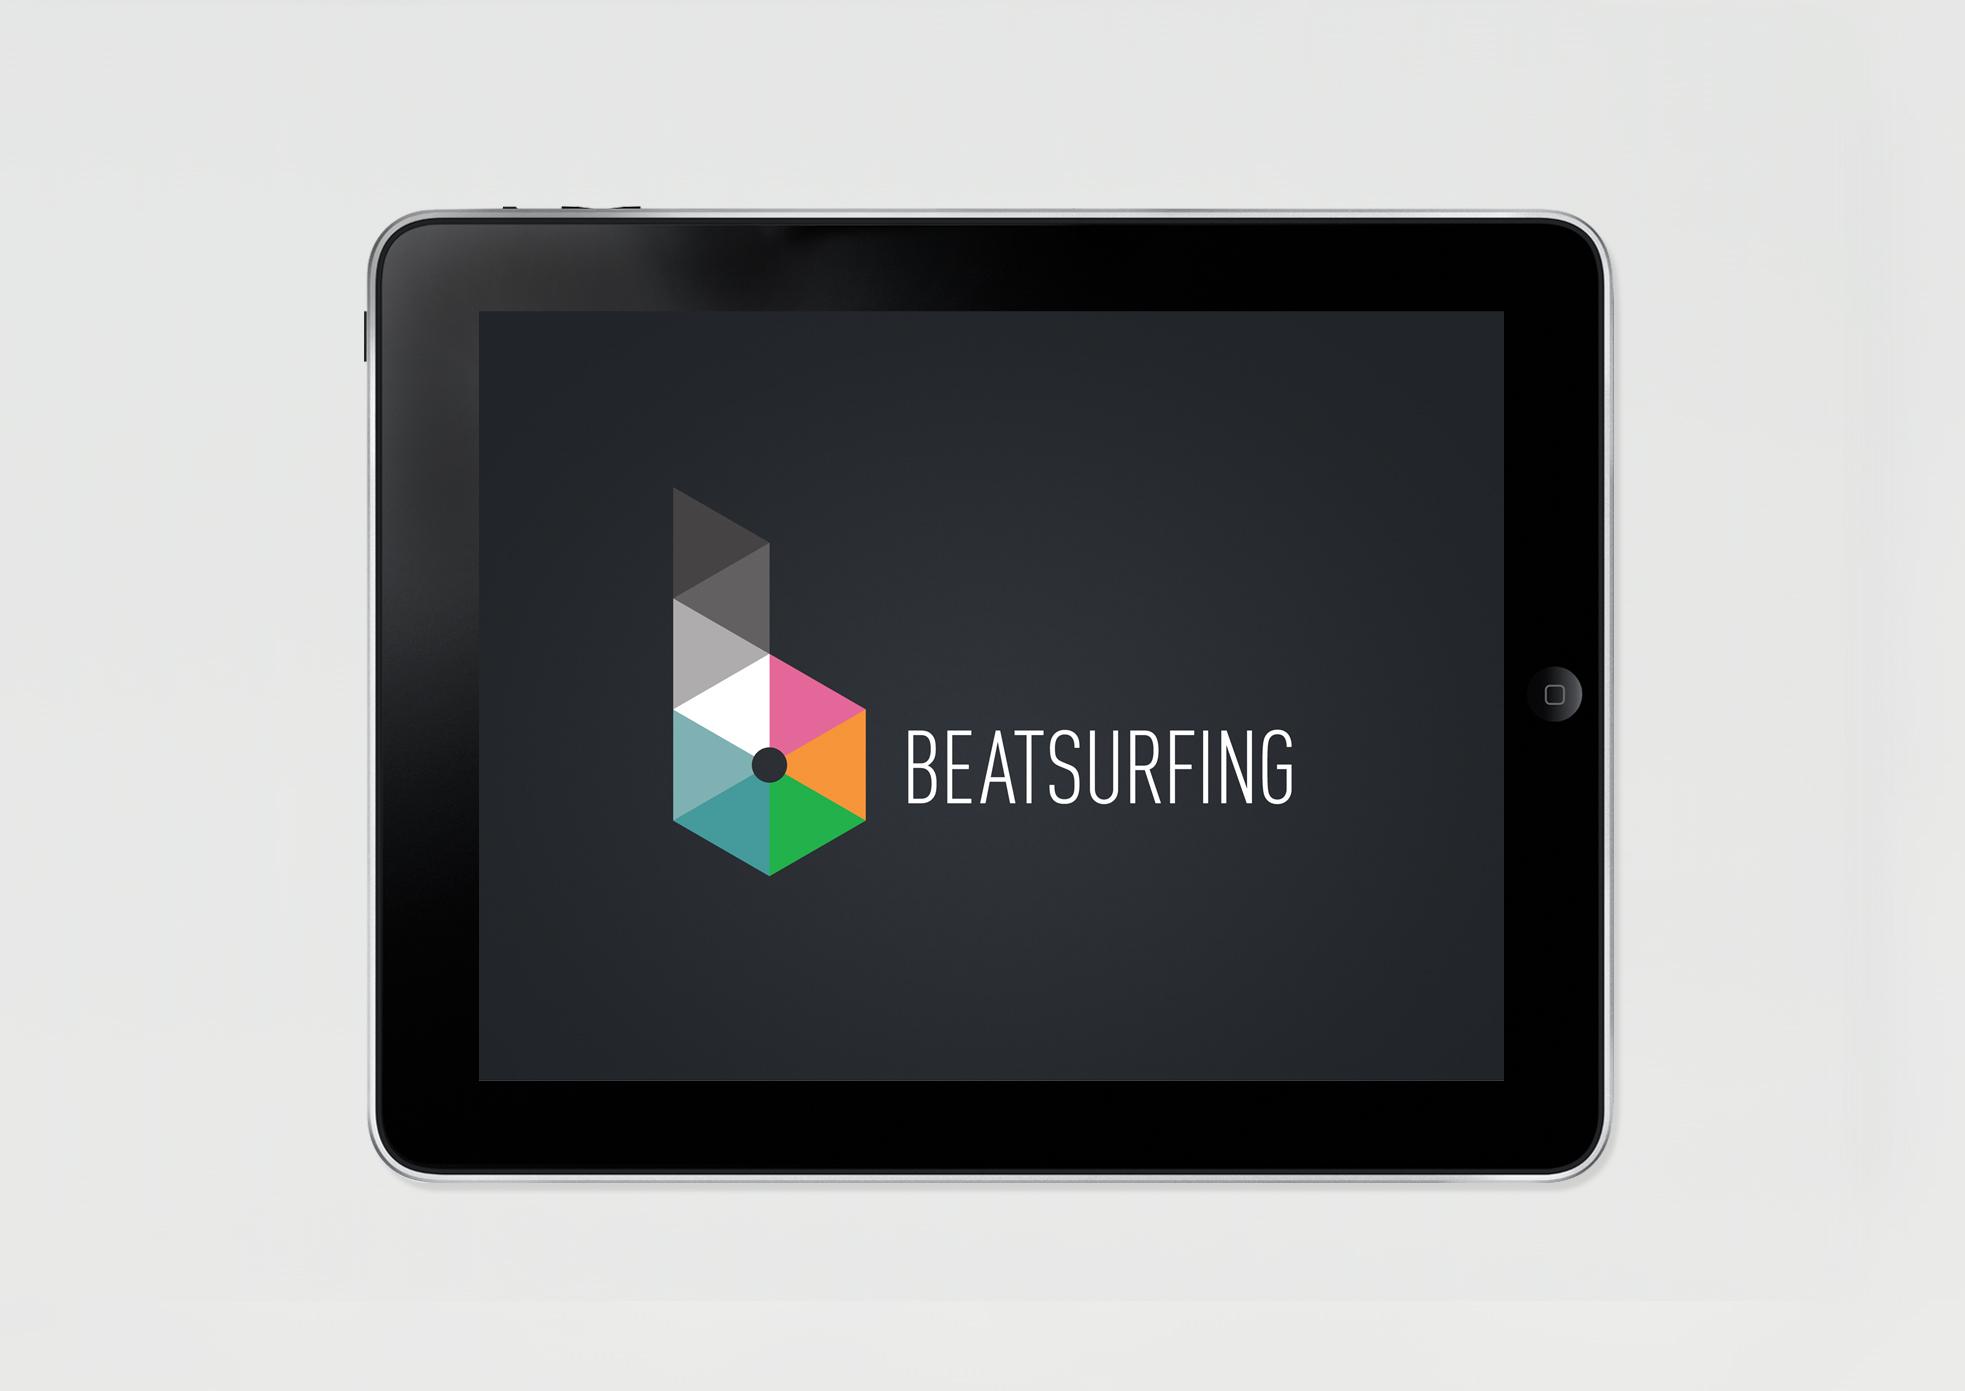 beatsurfing_start_page.jpg